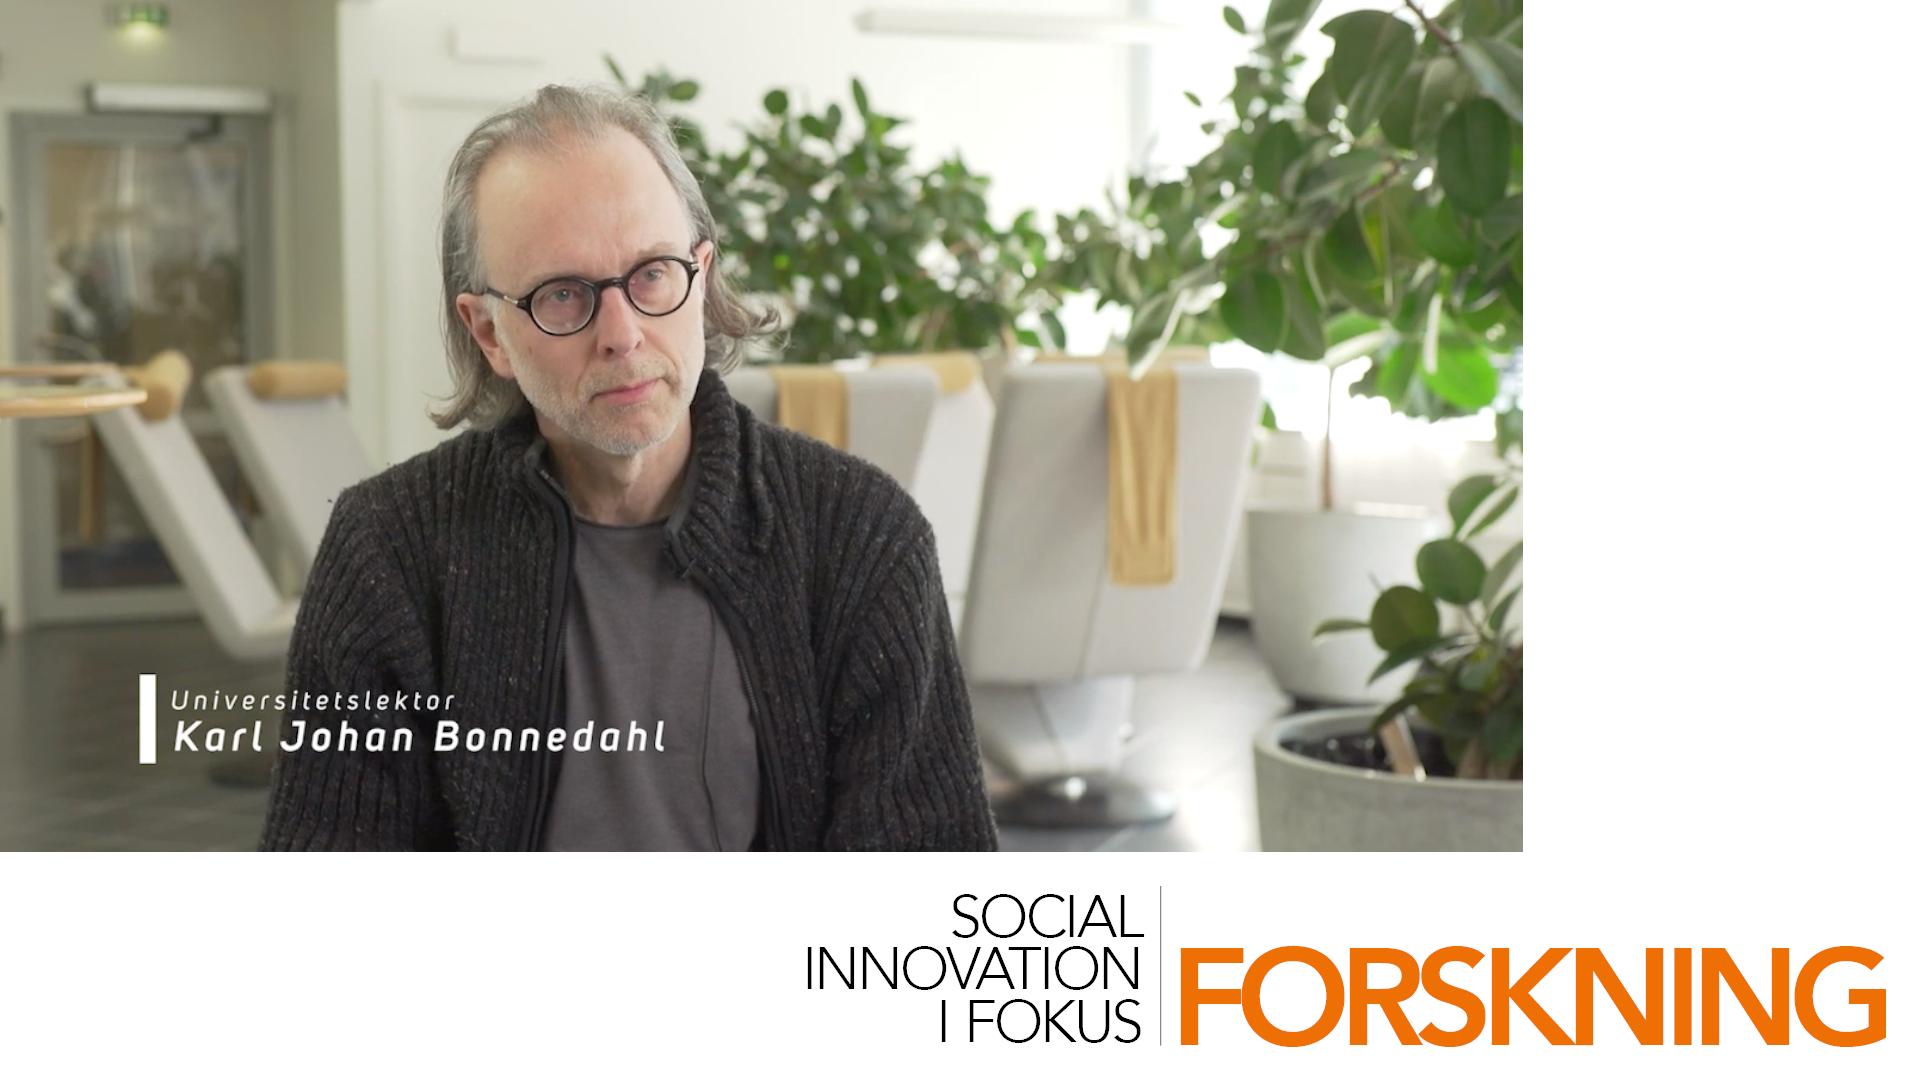 Social Innovation i Fokus: Forskning   Intervju med Karl Johan Bonnedahl